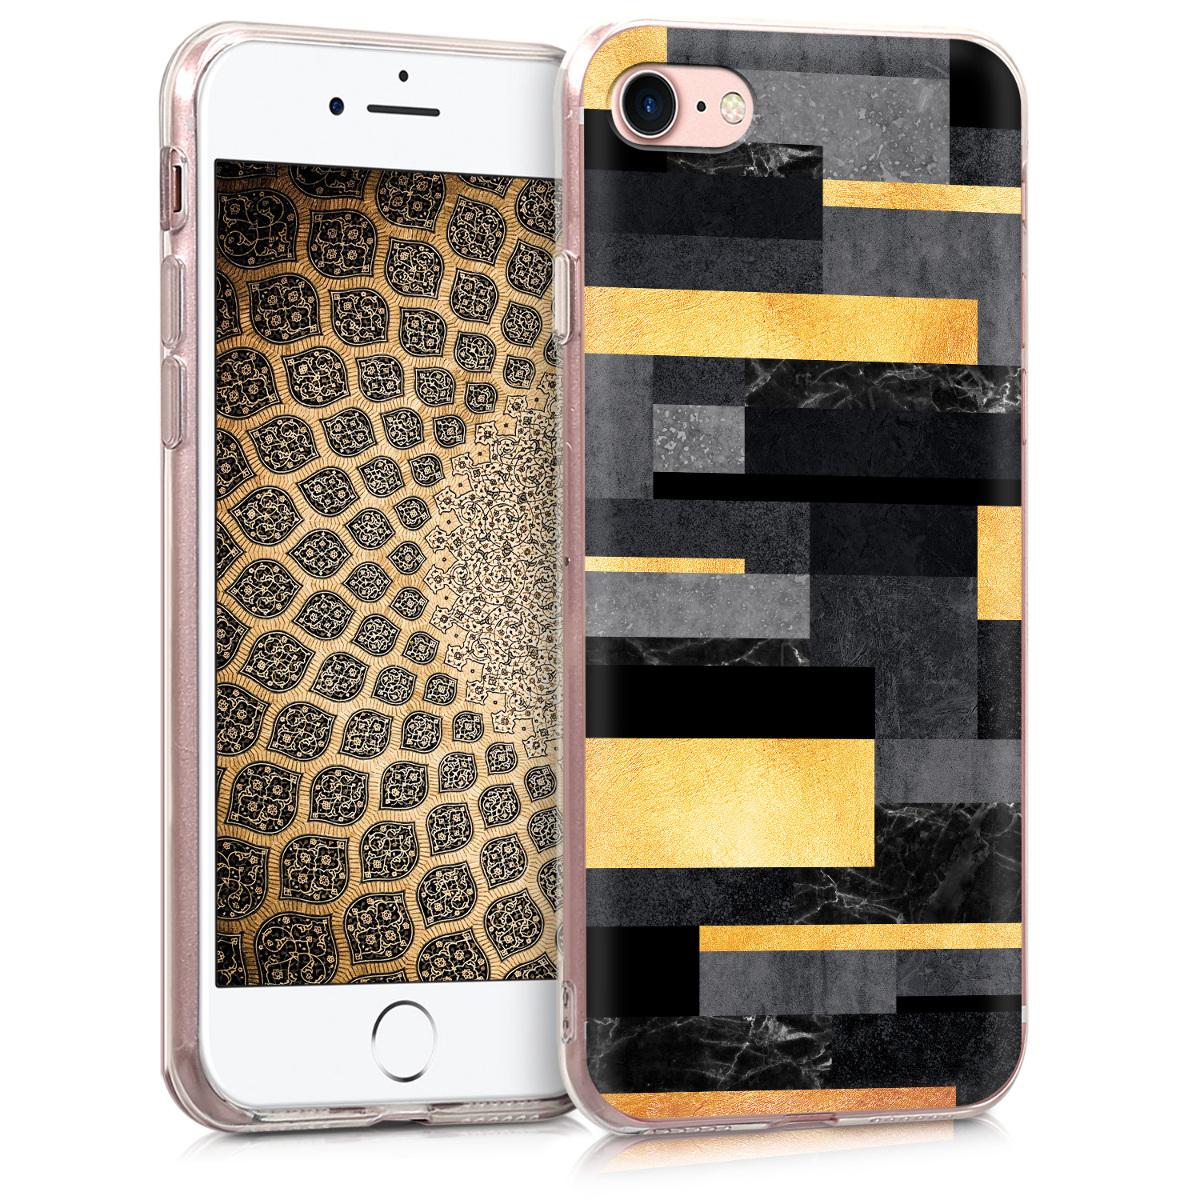 Kvalitní silikonové TPU pouzdro pro Apple iPhone 7 / 8 / SE  - Glory Stripes Gold | tmavě šedá | černá